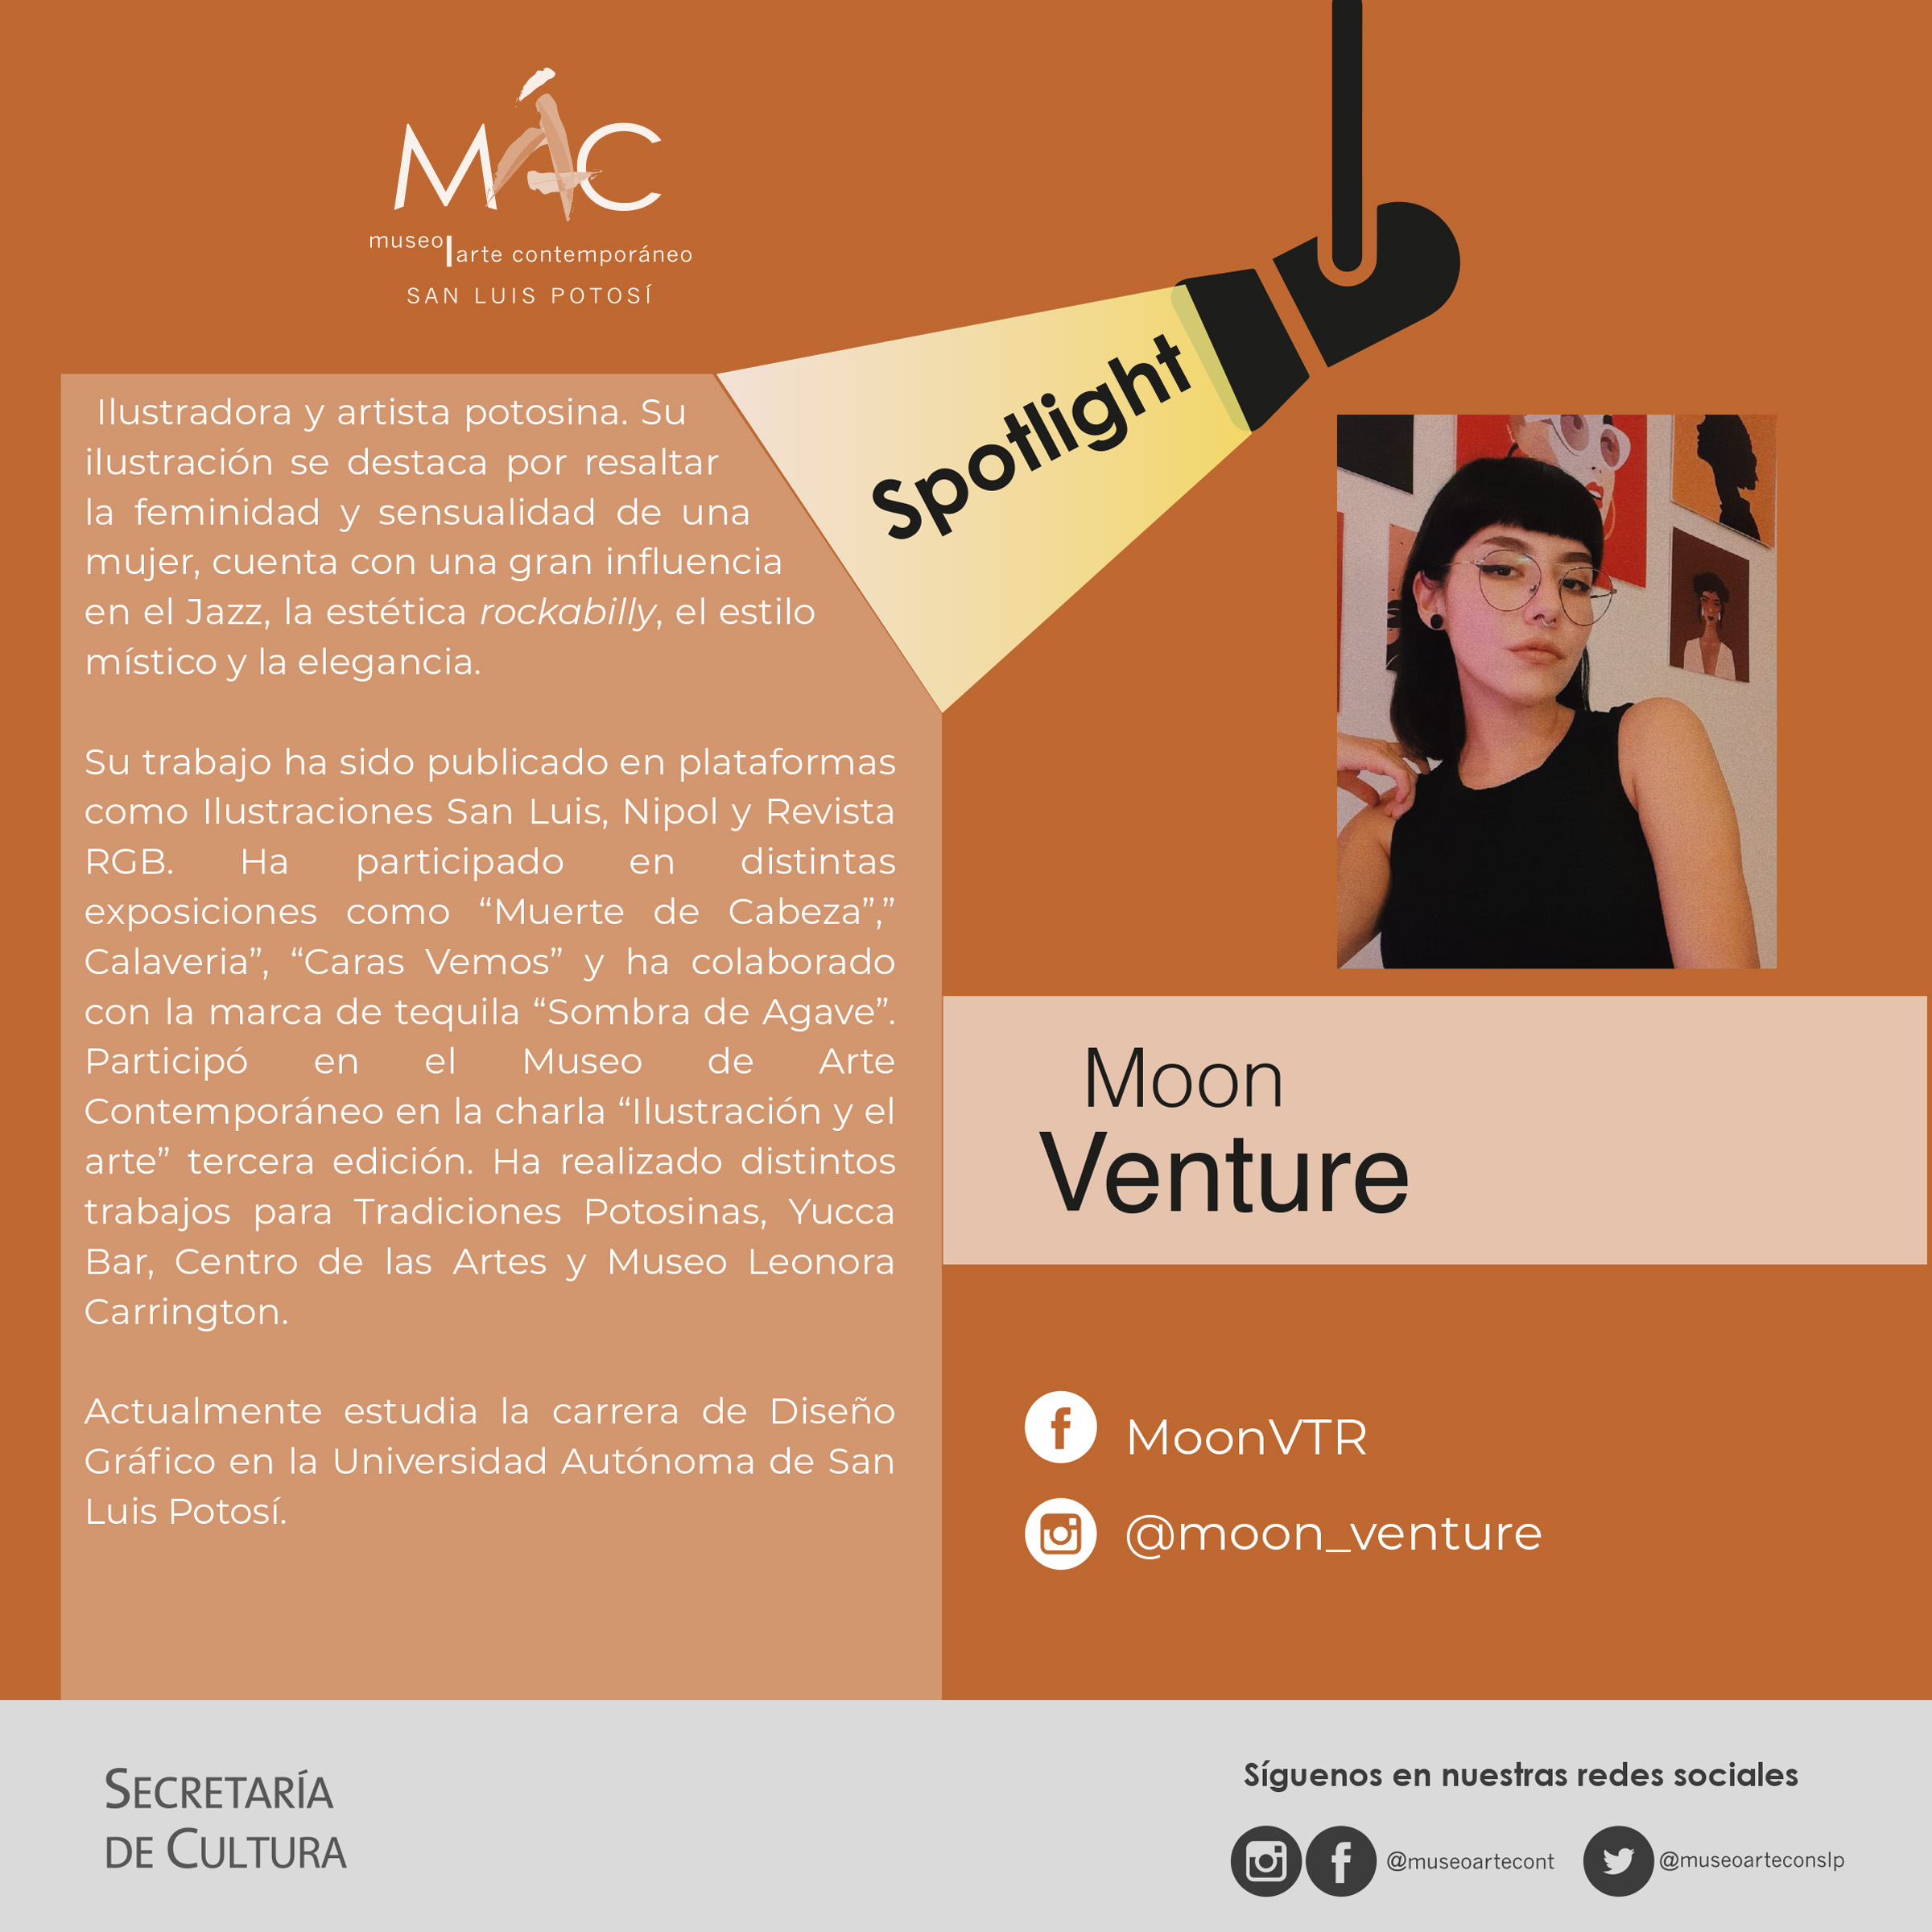 moon_venture